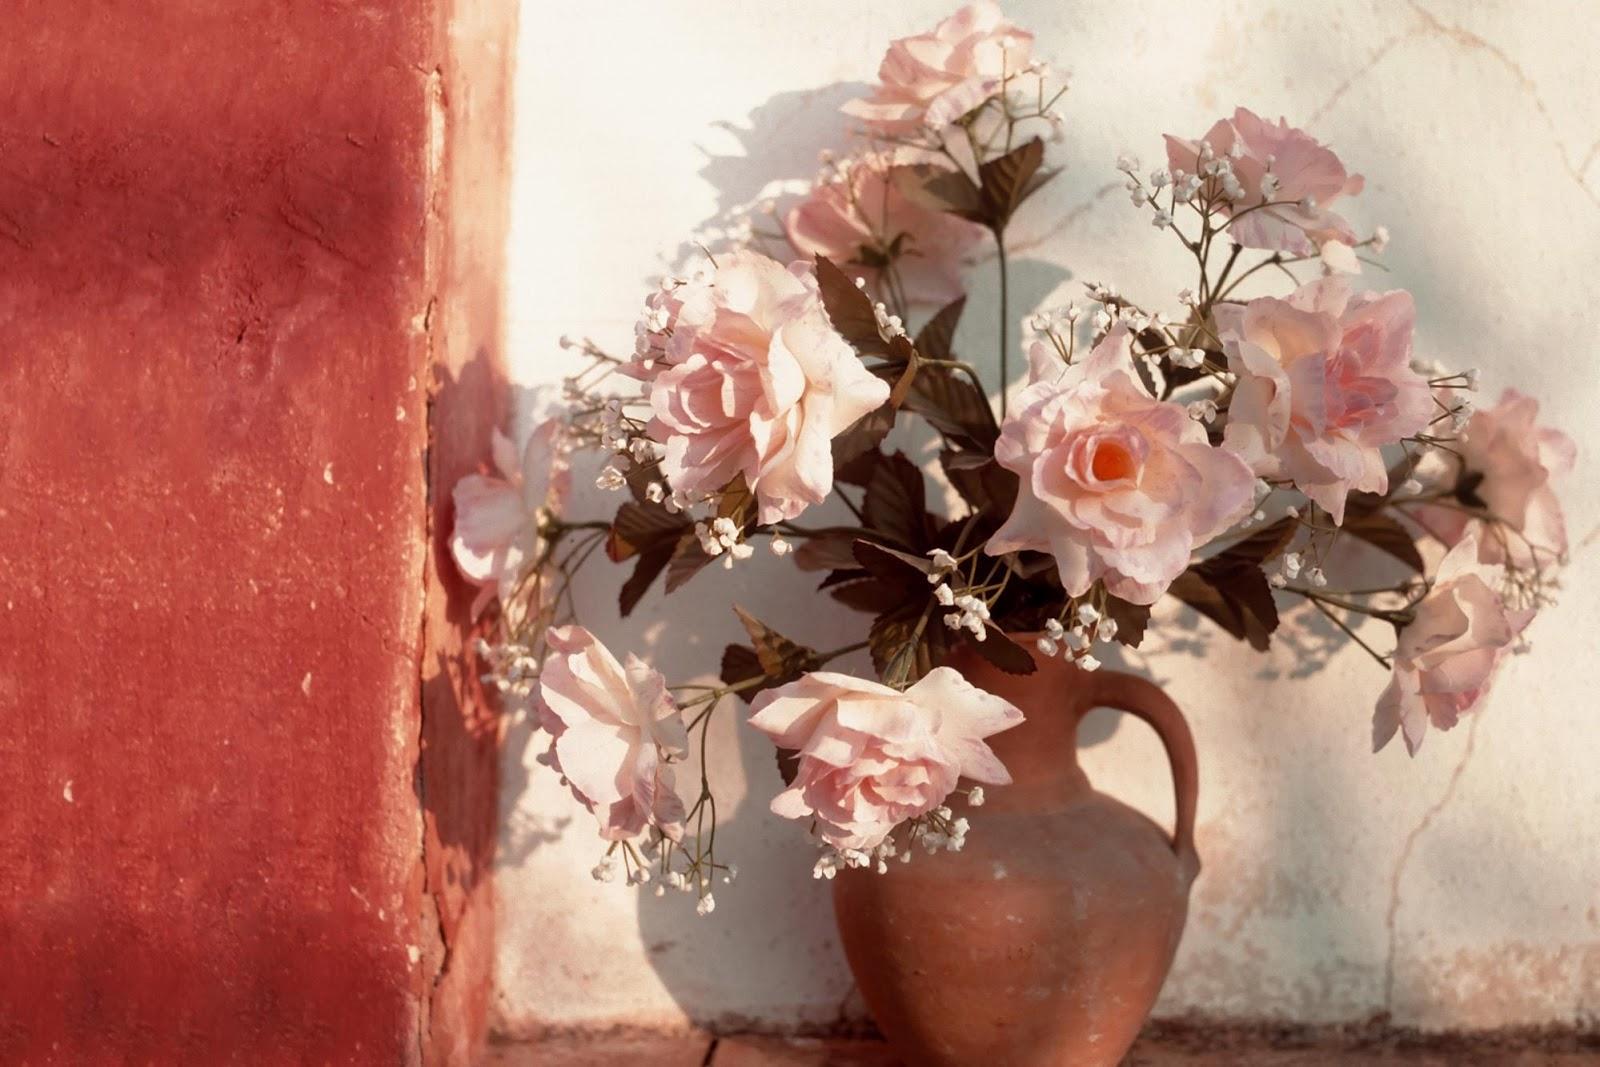 Wallpaper - Ảnh Đẹp Việt - Nghệ Thuật Cắm Hoa